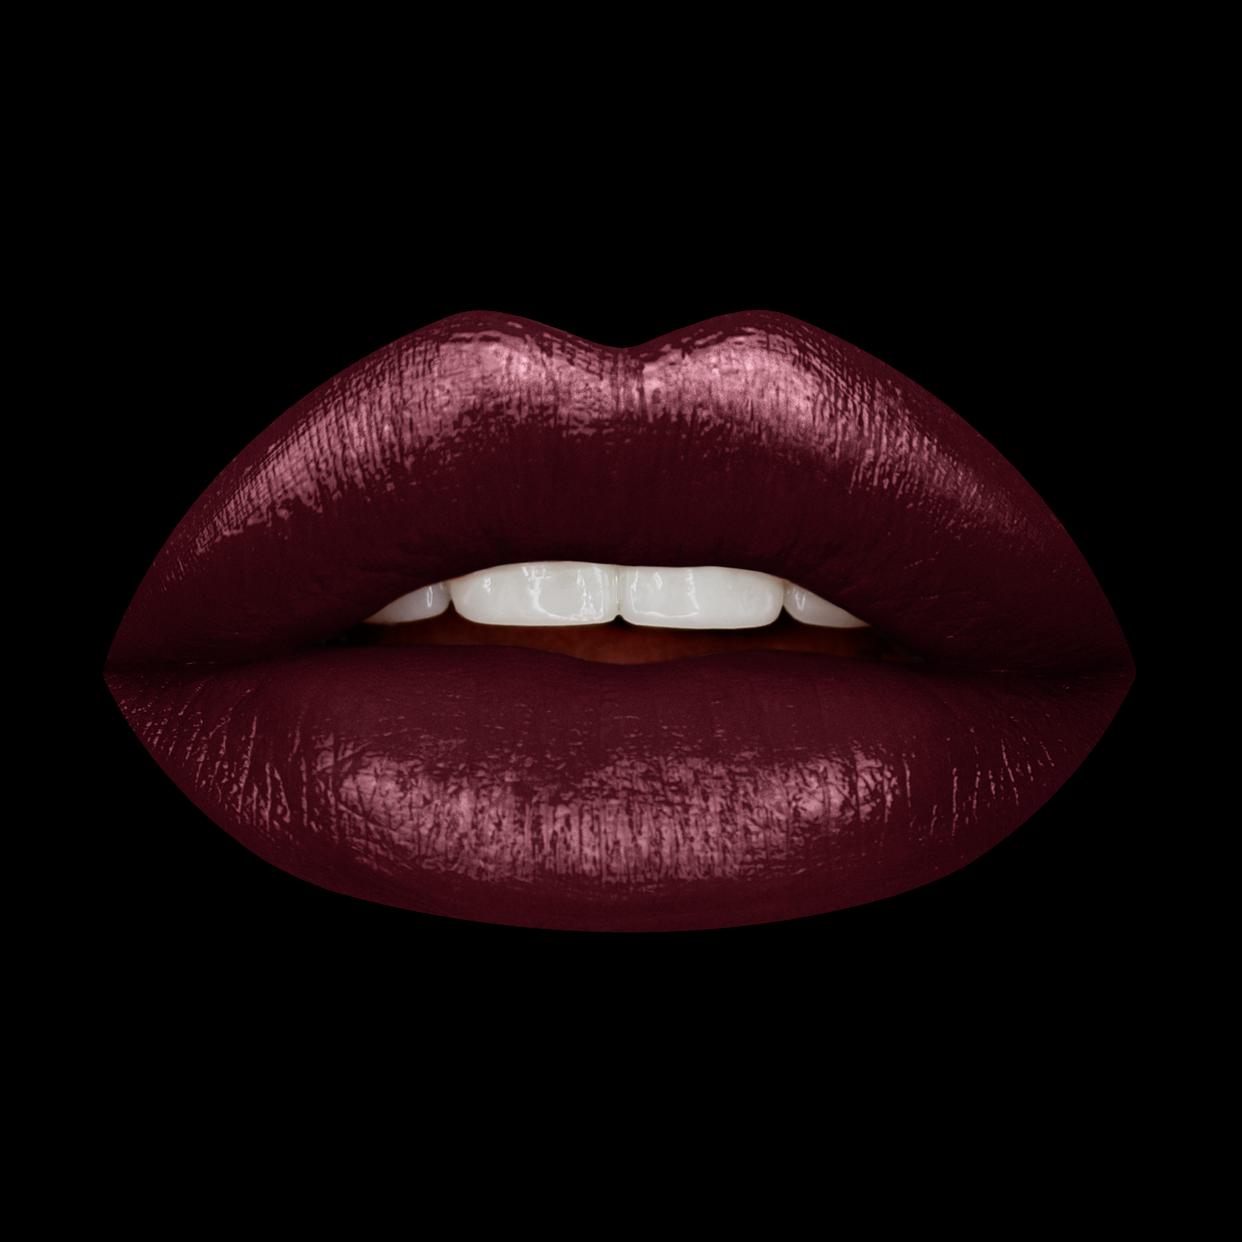 Huda Beauty Demi Matte Cream Lipstick - Bawse